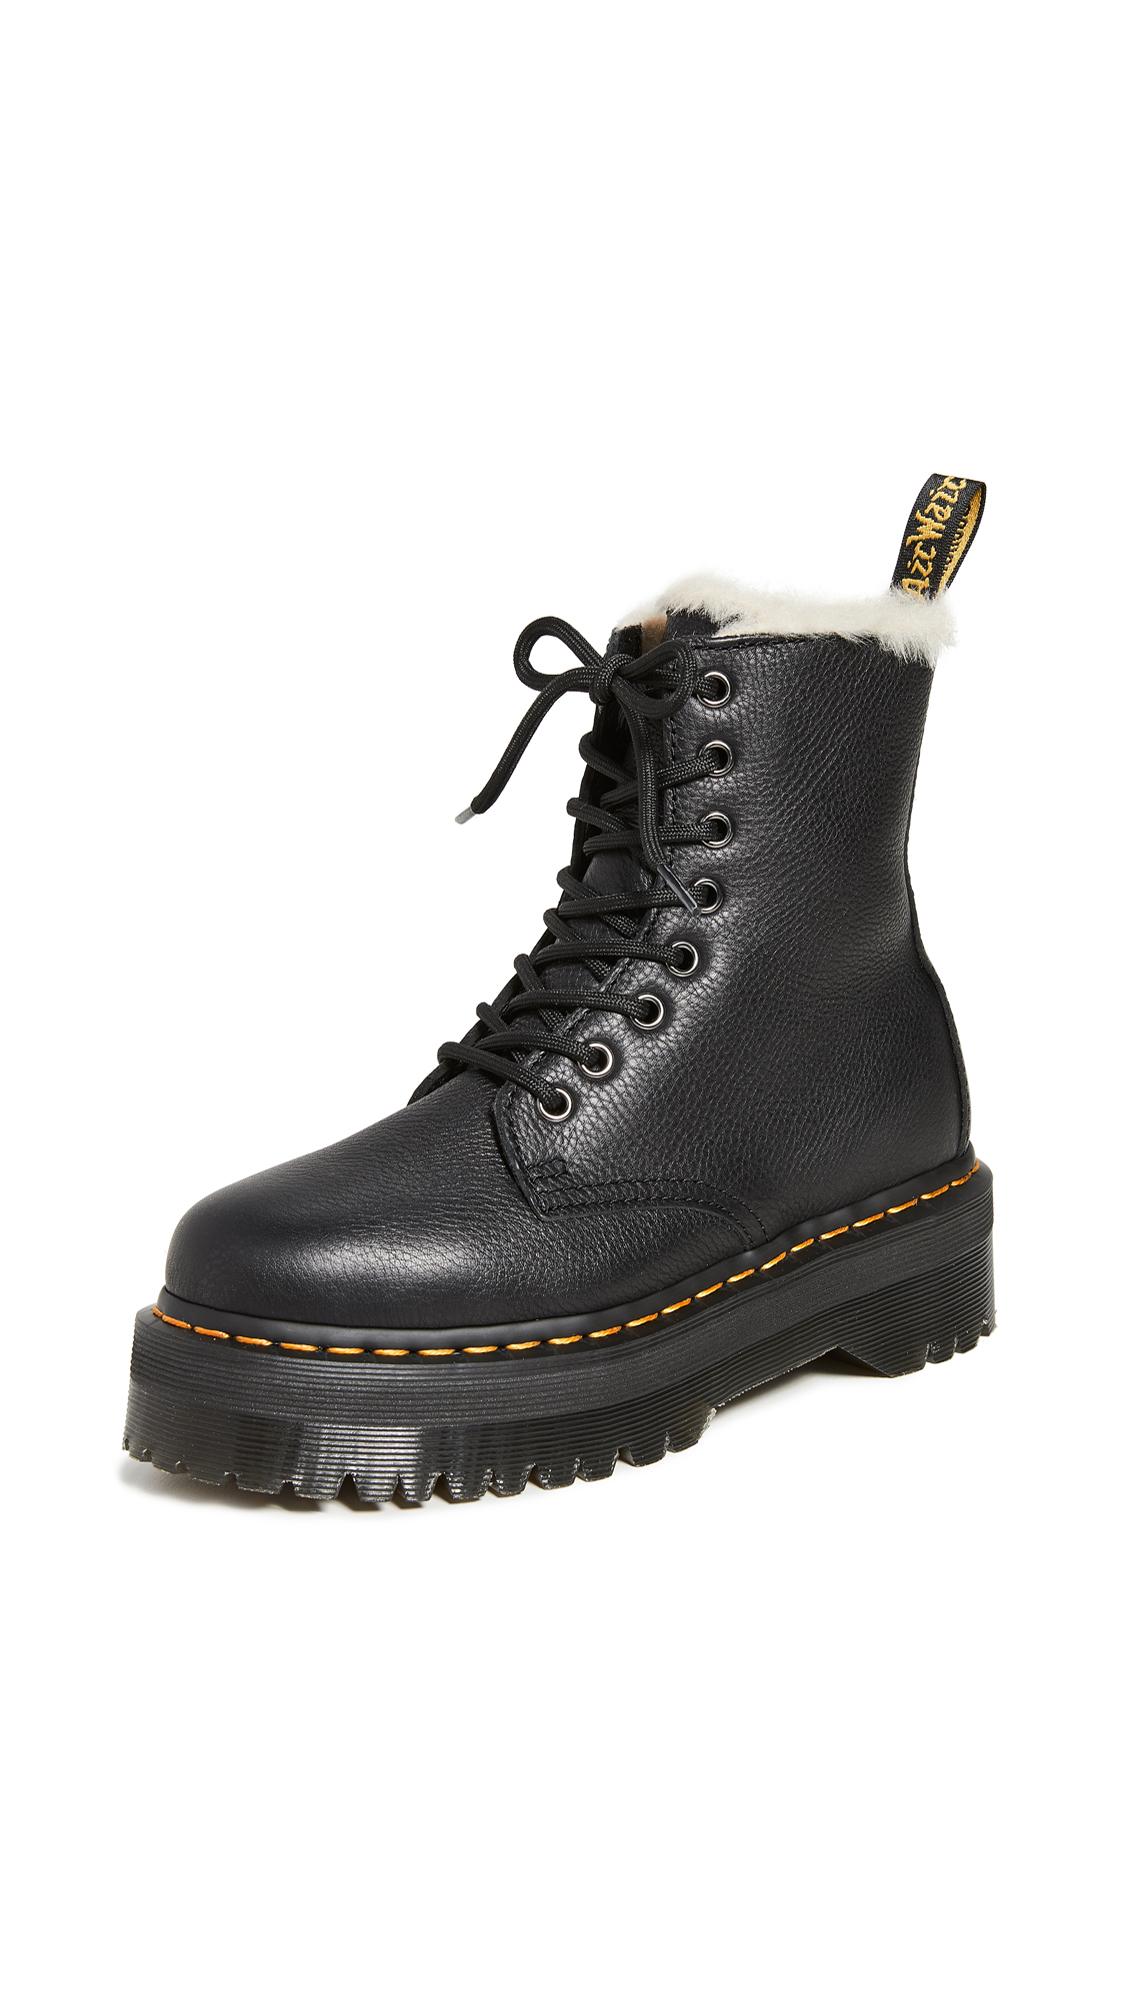 Buy Dr. Martens Jadon FL 8 Eye Boots online, shop Dr. Martens